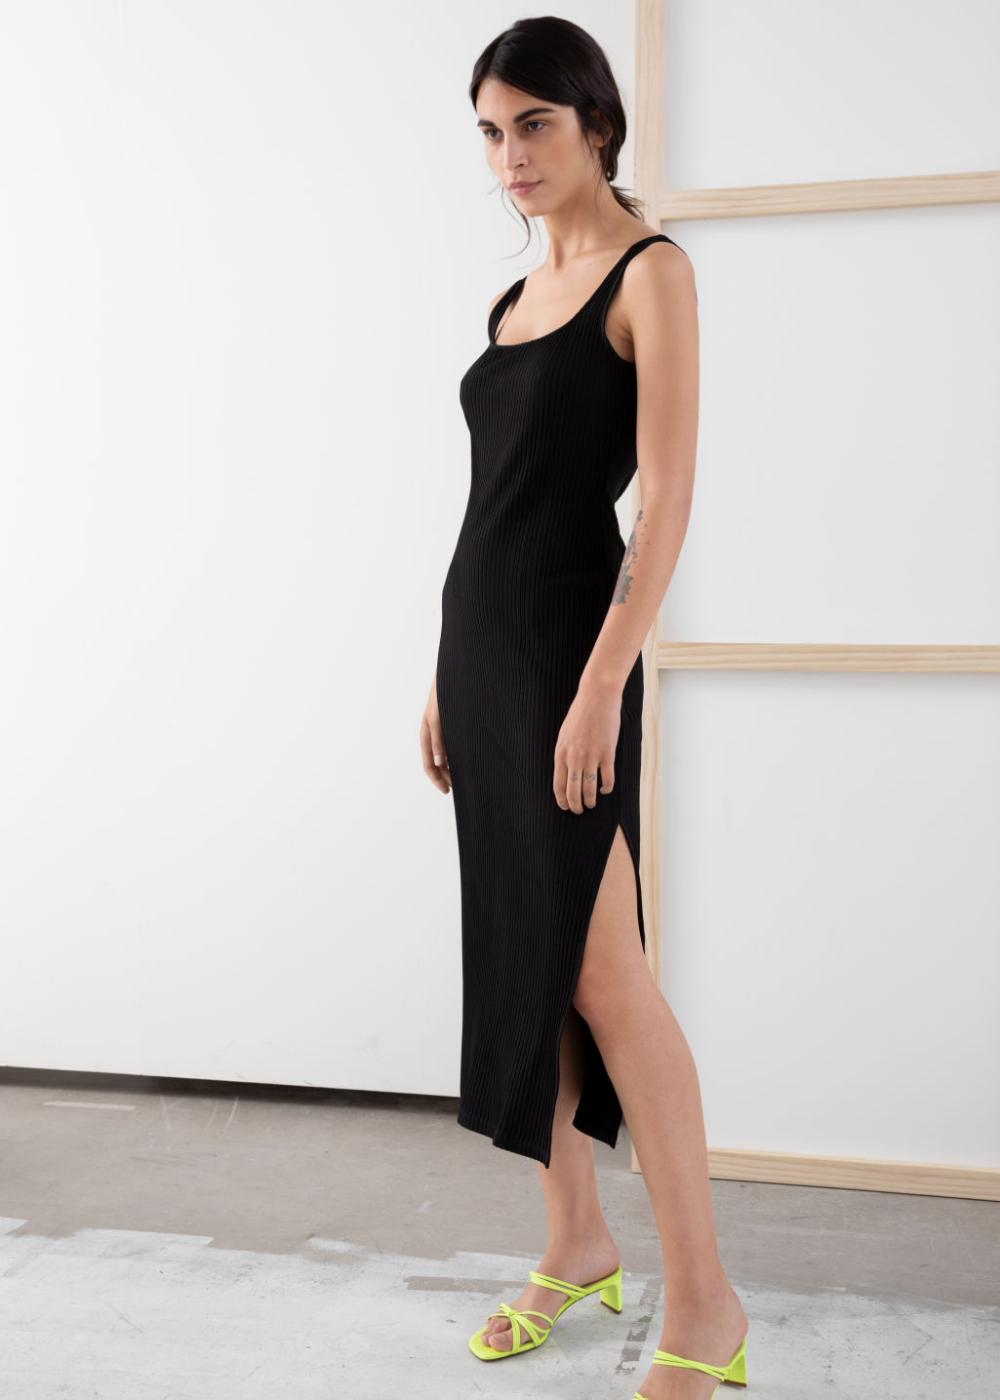 Pdp Fitted Midi Dress Dresses Midi Dress [ 1400 x 1000 Pixel ]